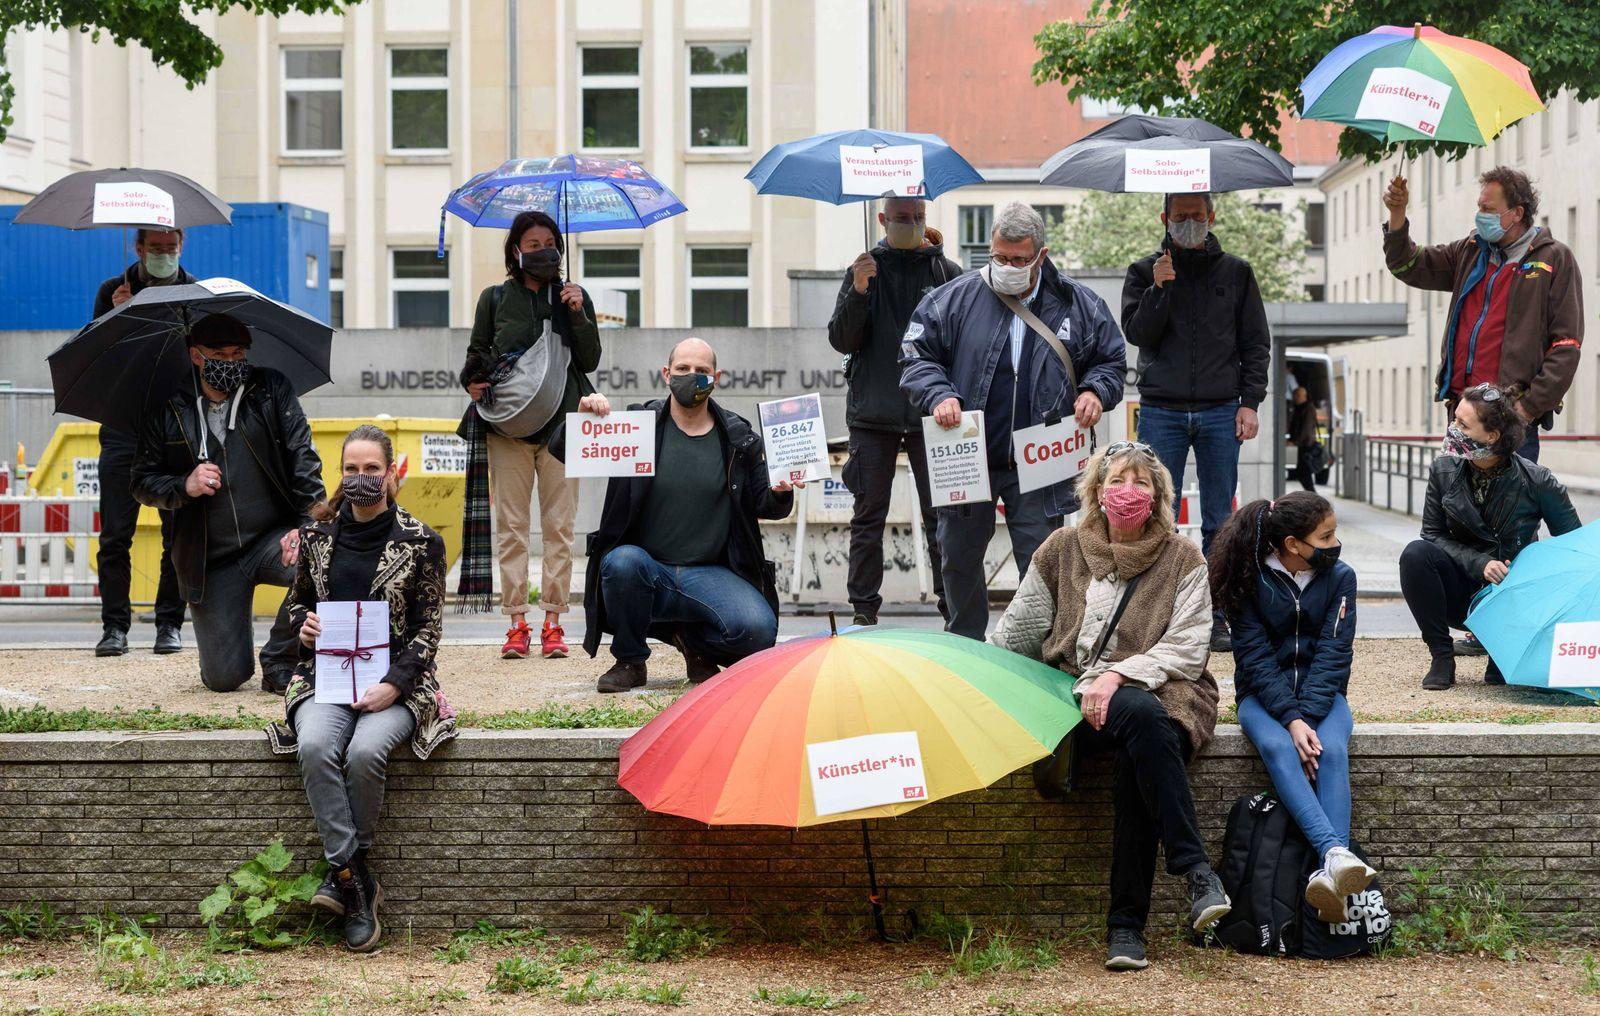 Gemeinsam mit CAMPACT demonstreiren Solo-Selbstst?ndige, Freiberufler und K¸nstler vor dem Bundeswirtschaftsministerium